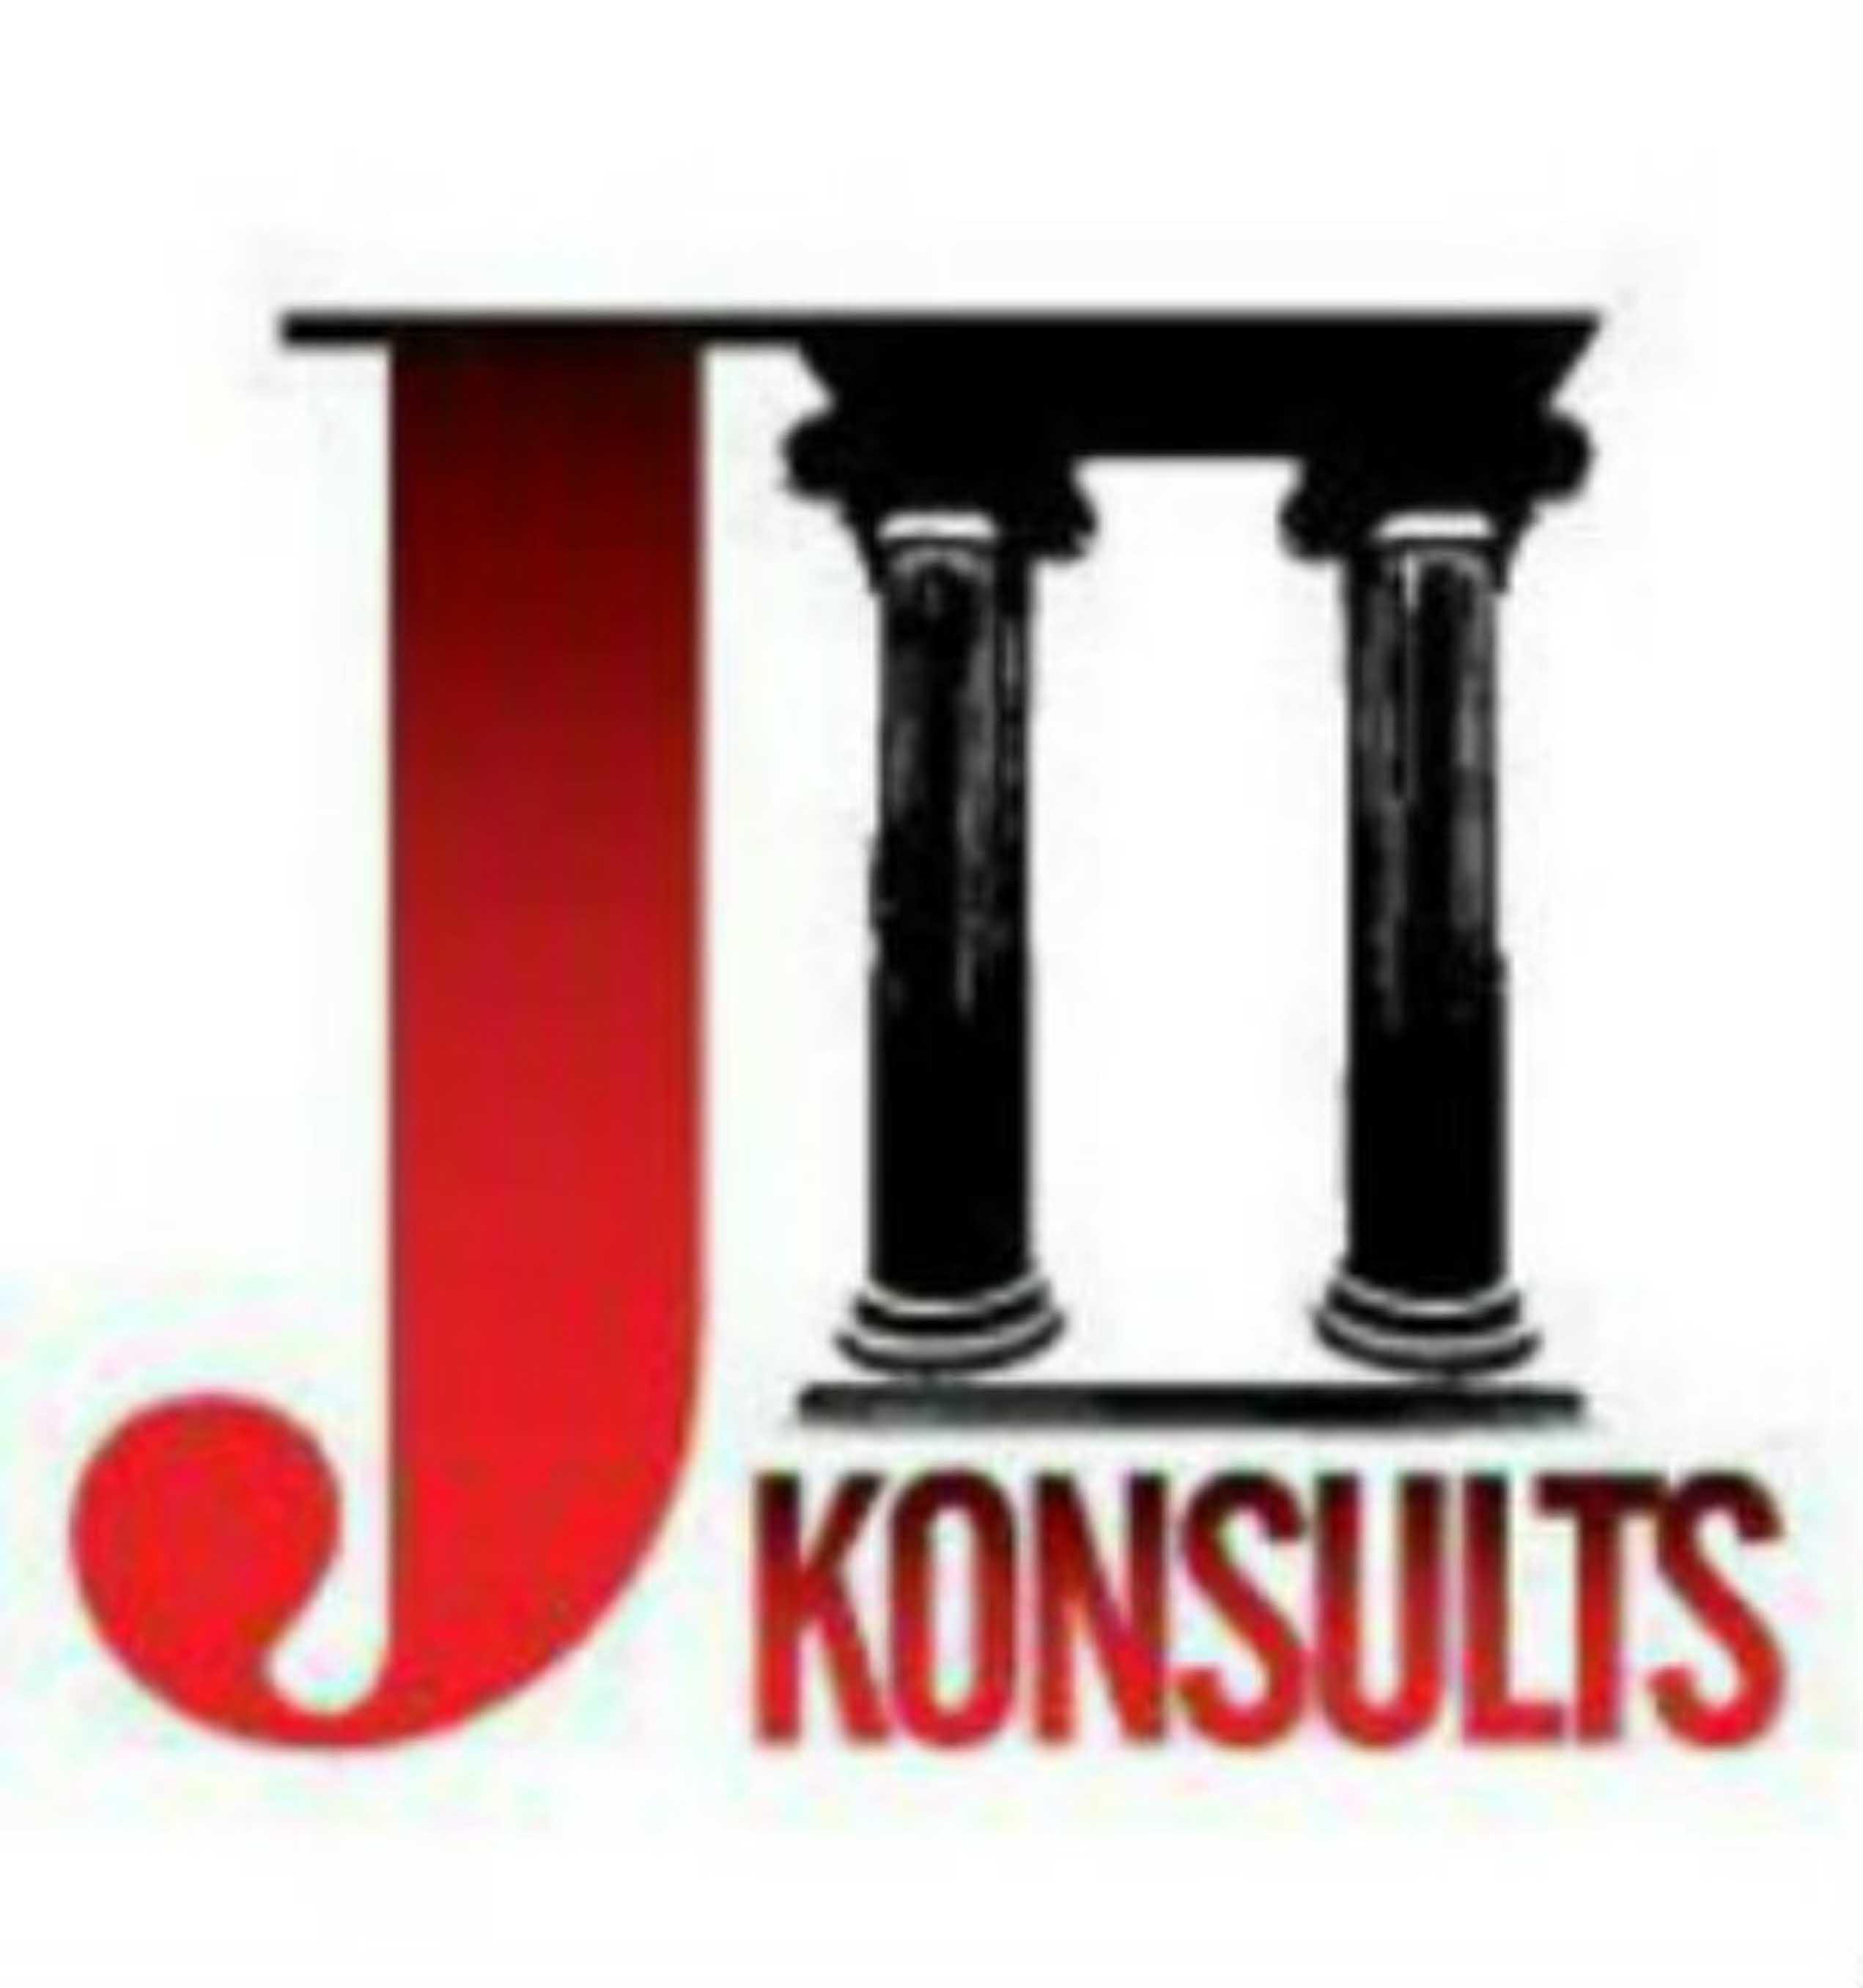 j2 konsults logo